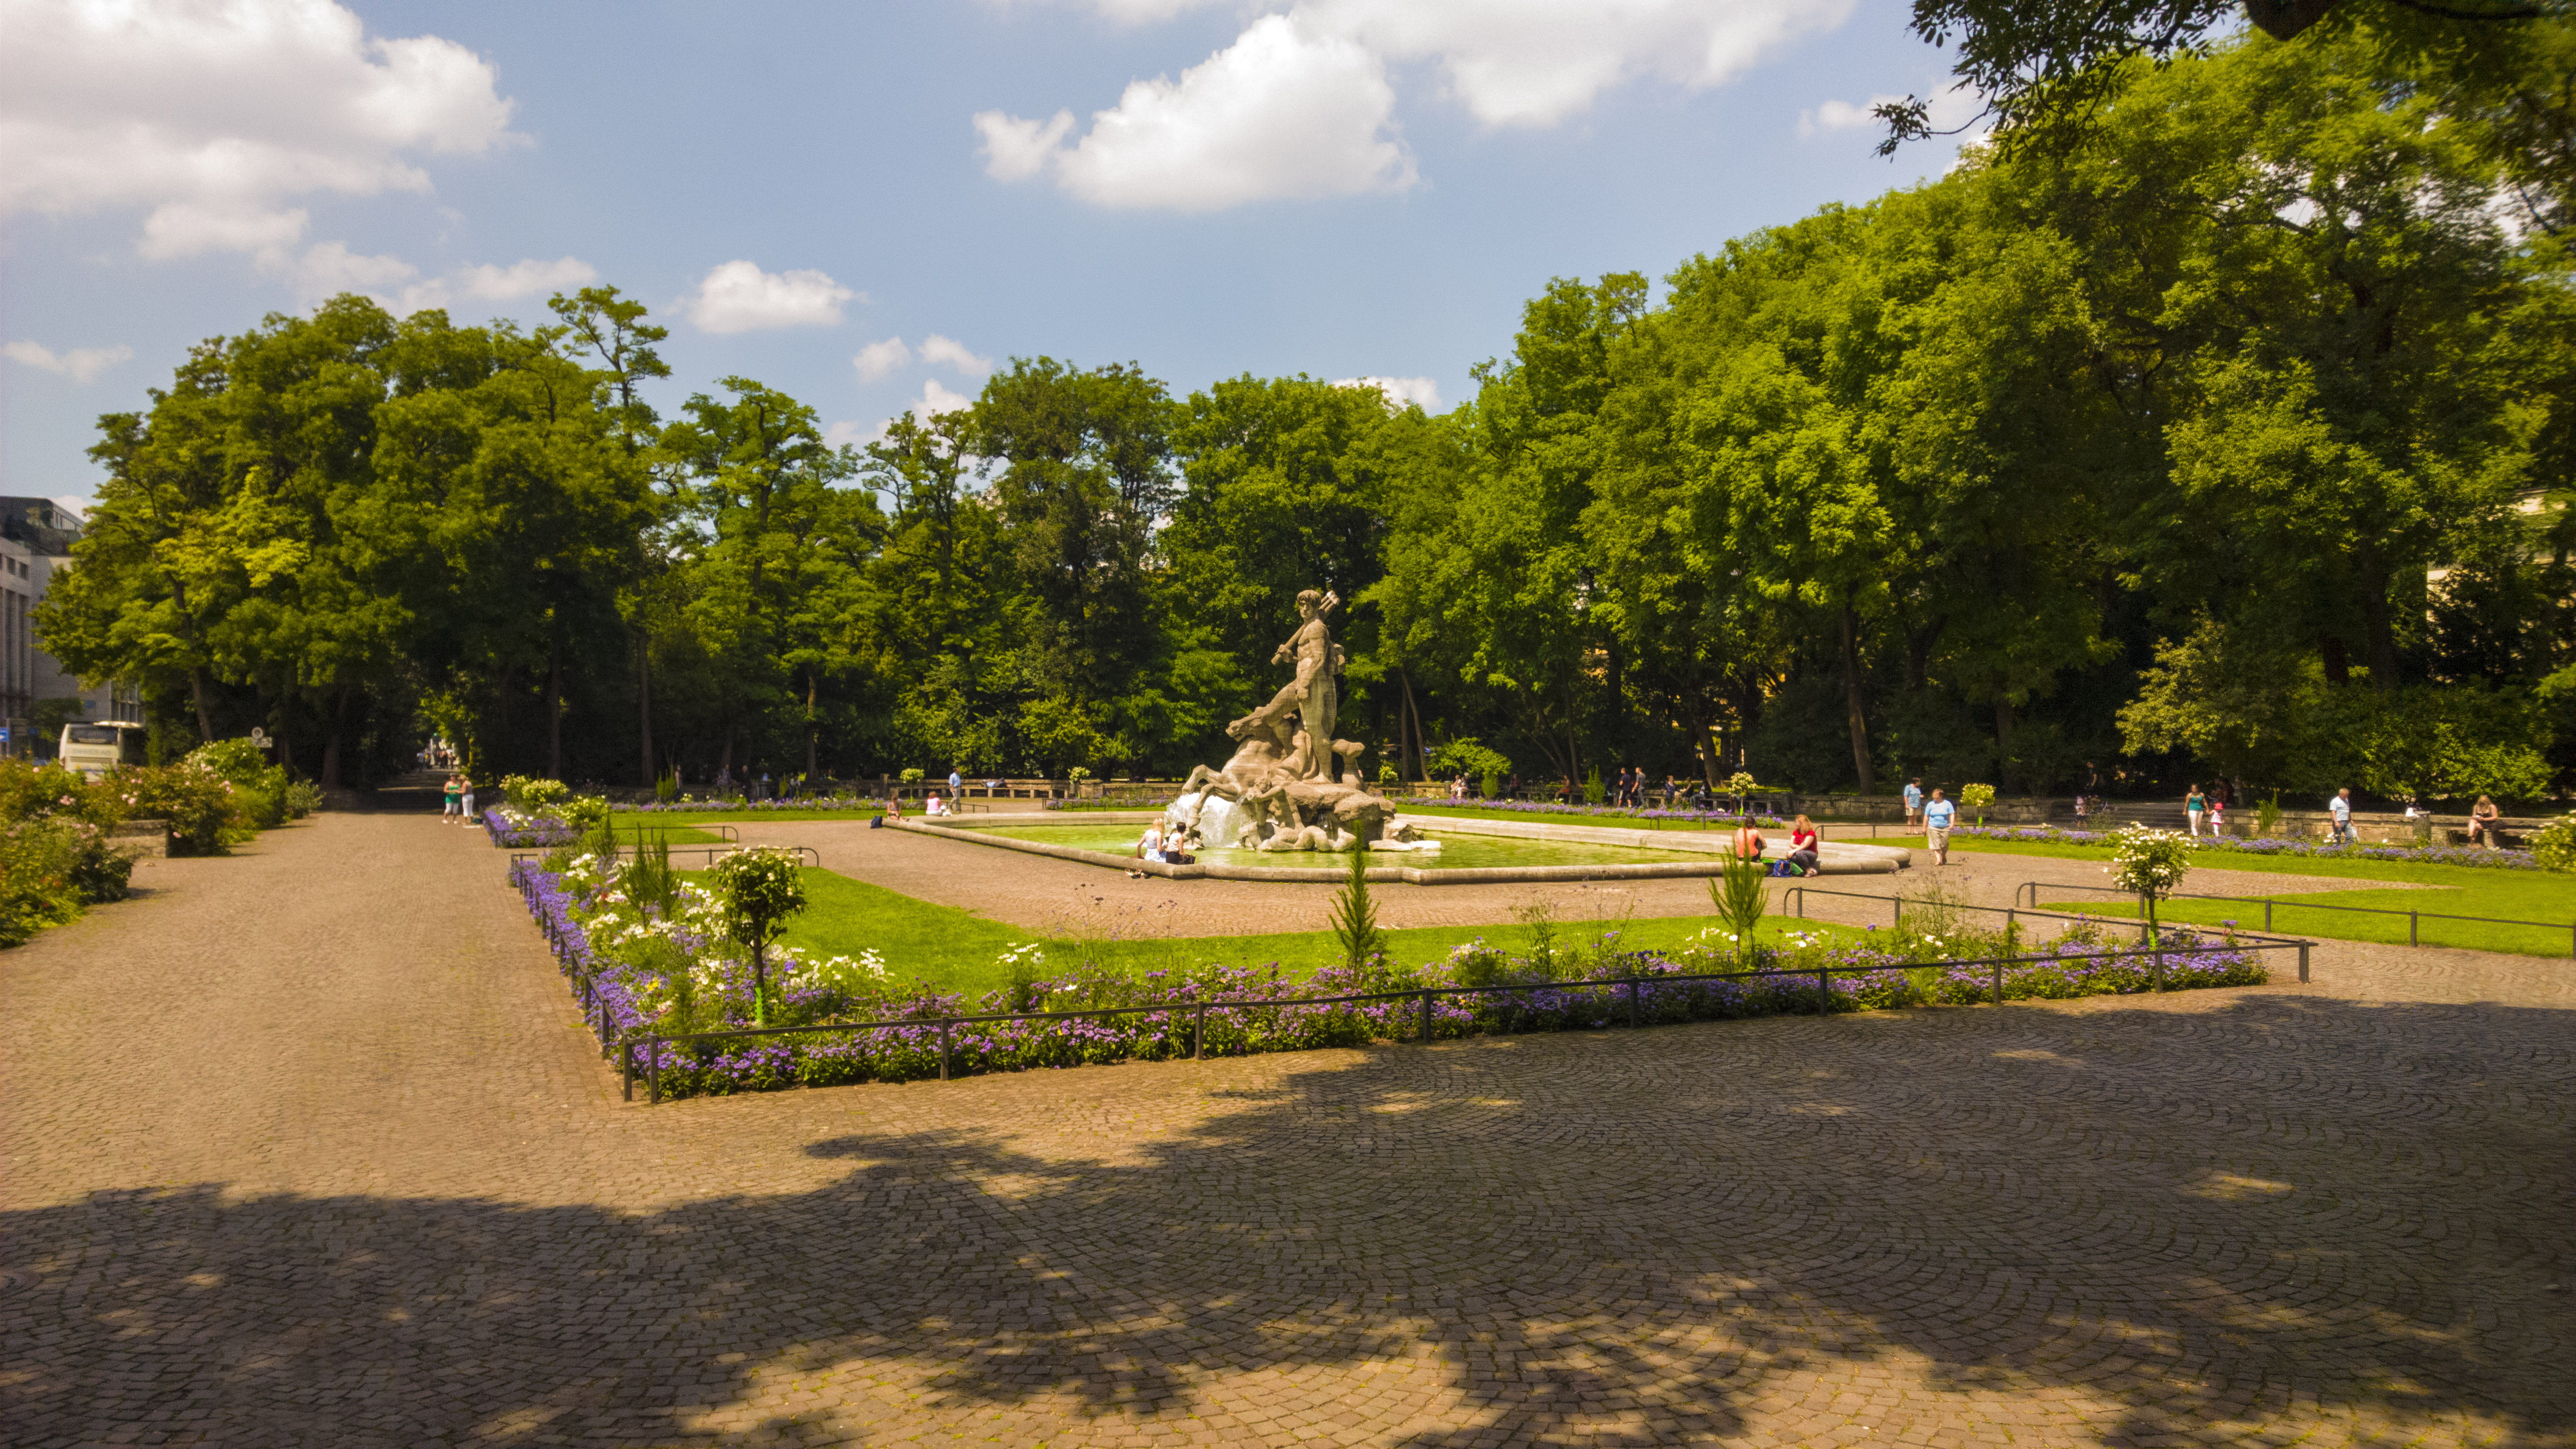 Alter Botanischer Garten Munchen Wikipedia